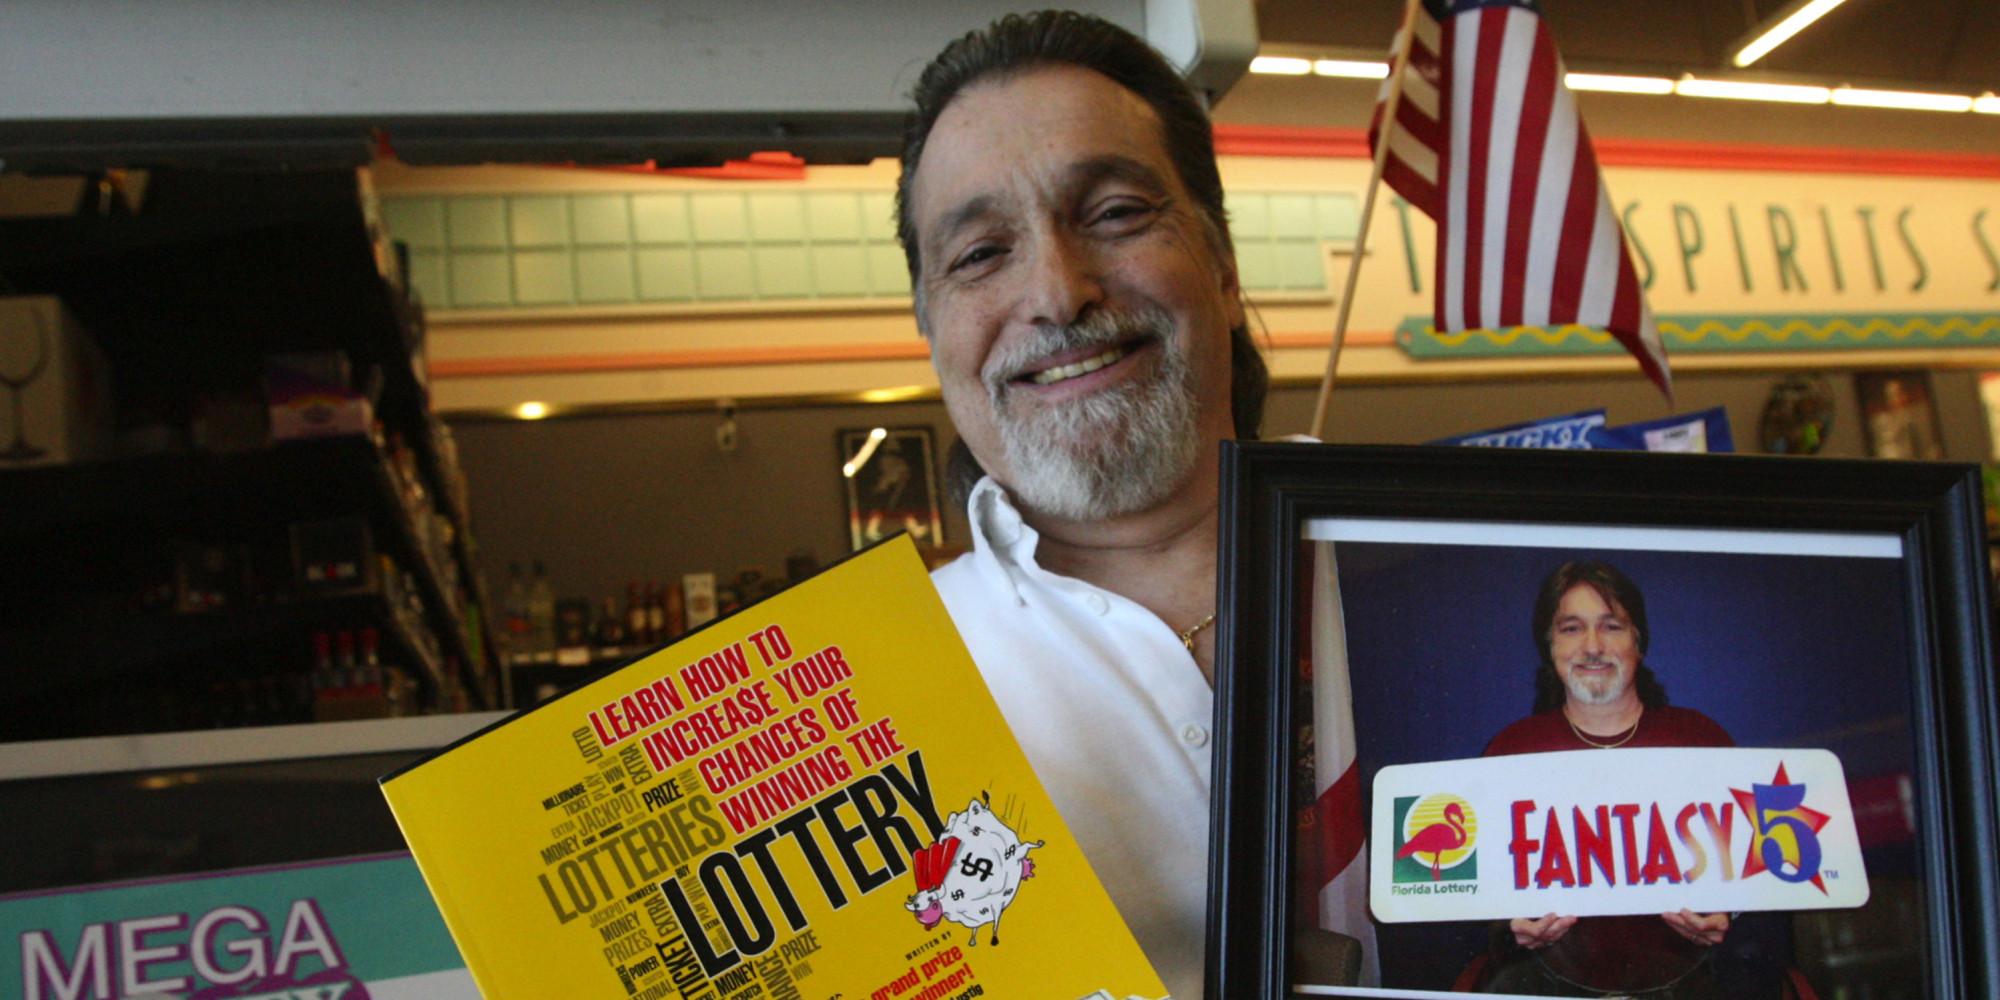 ▷ netlotto.com.au : hivatalos online ausztrál lotto jegyügynök